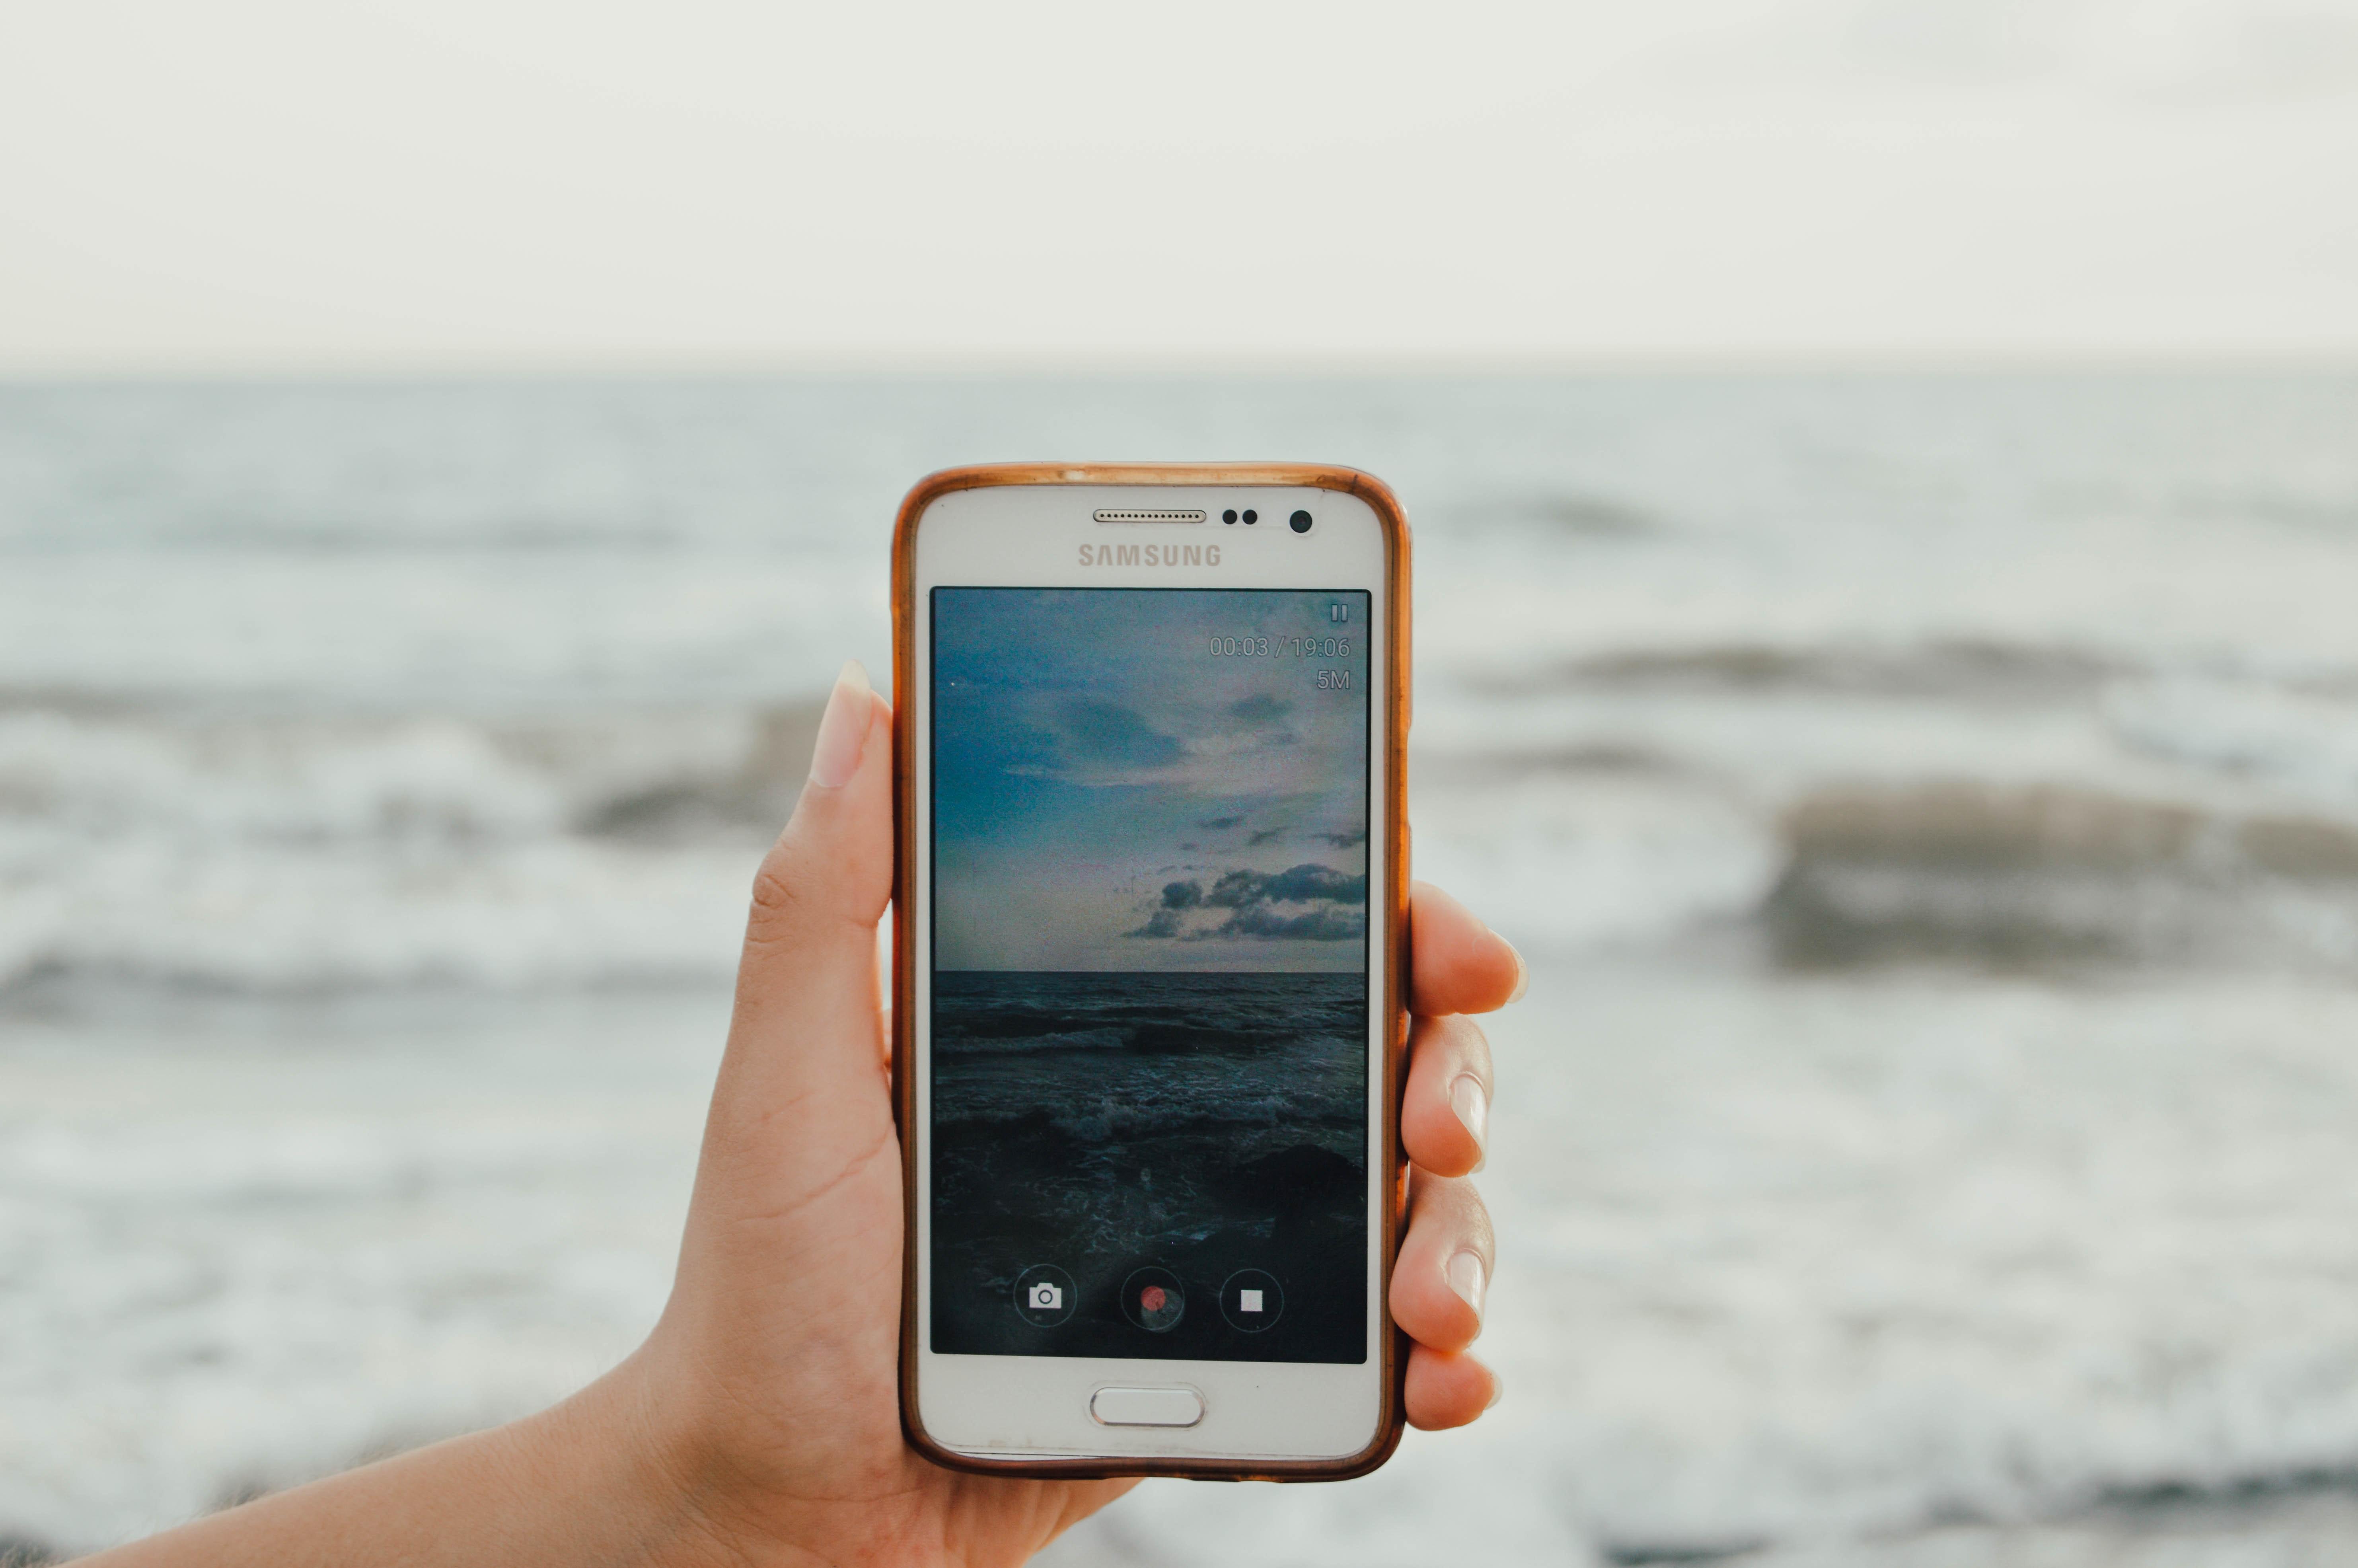 Immagini Belle Spiaggia Cielo Blu Macchina Fotografica Telefono